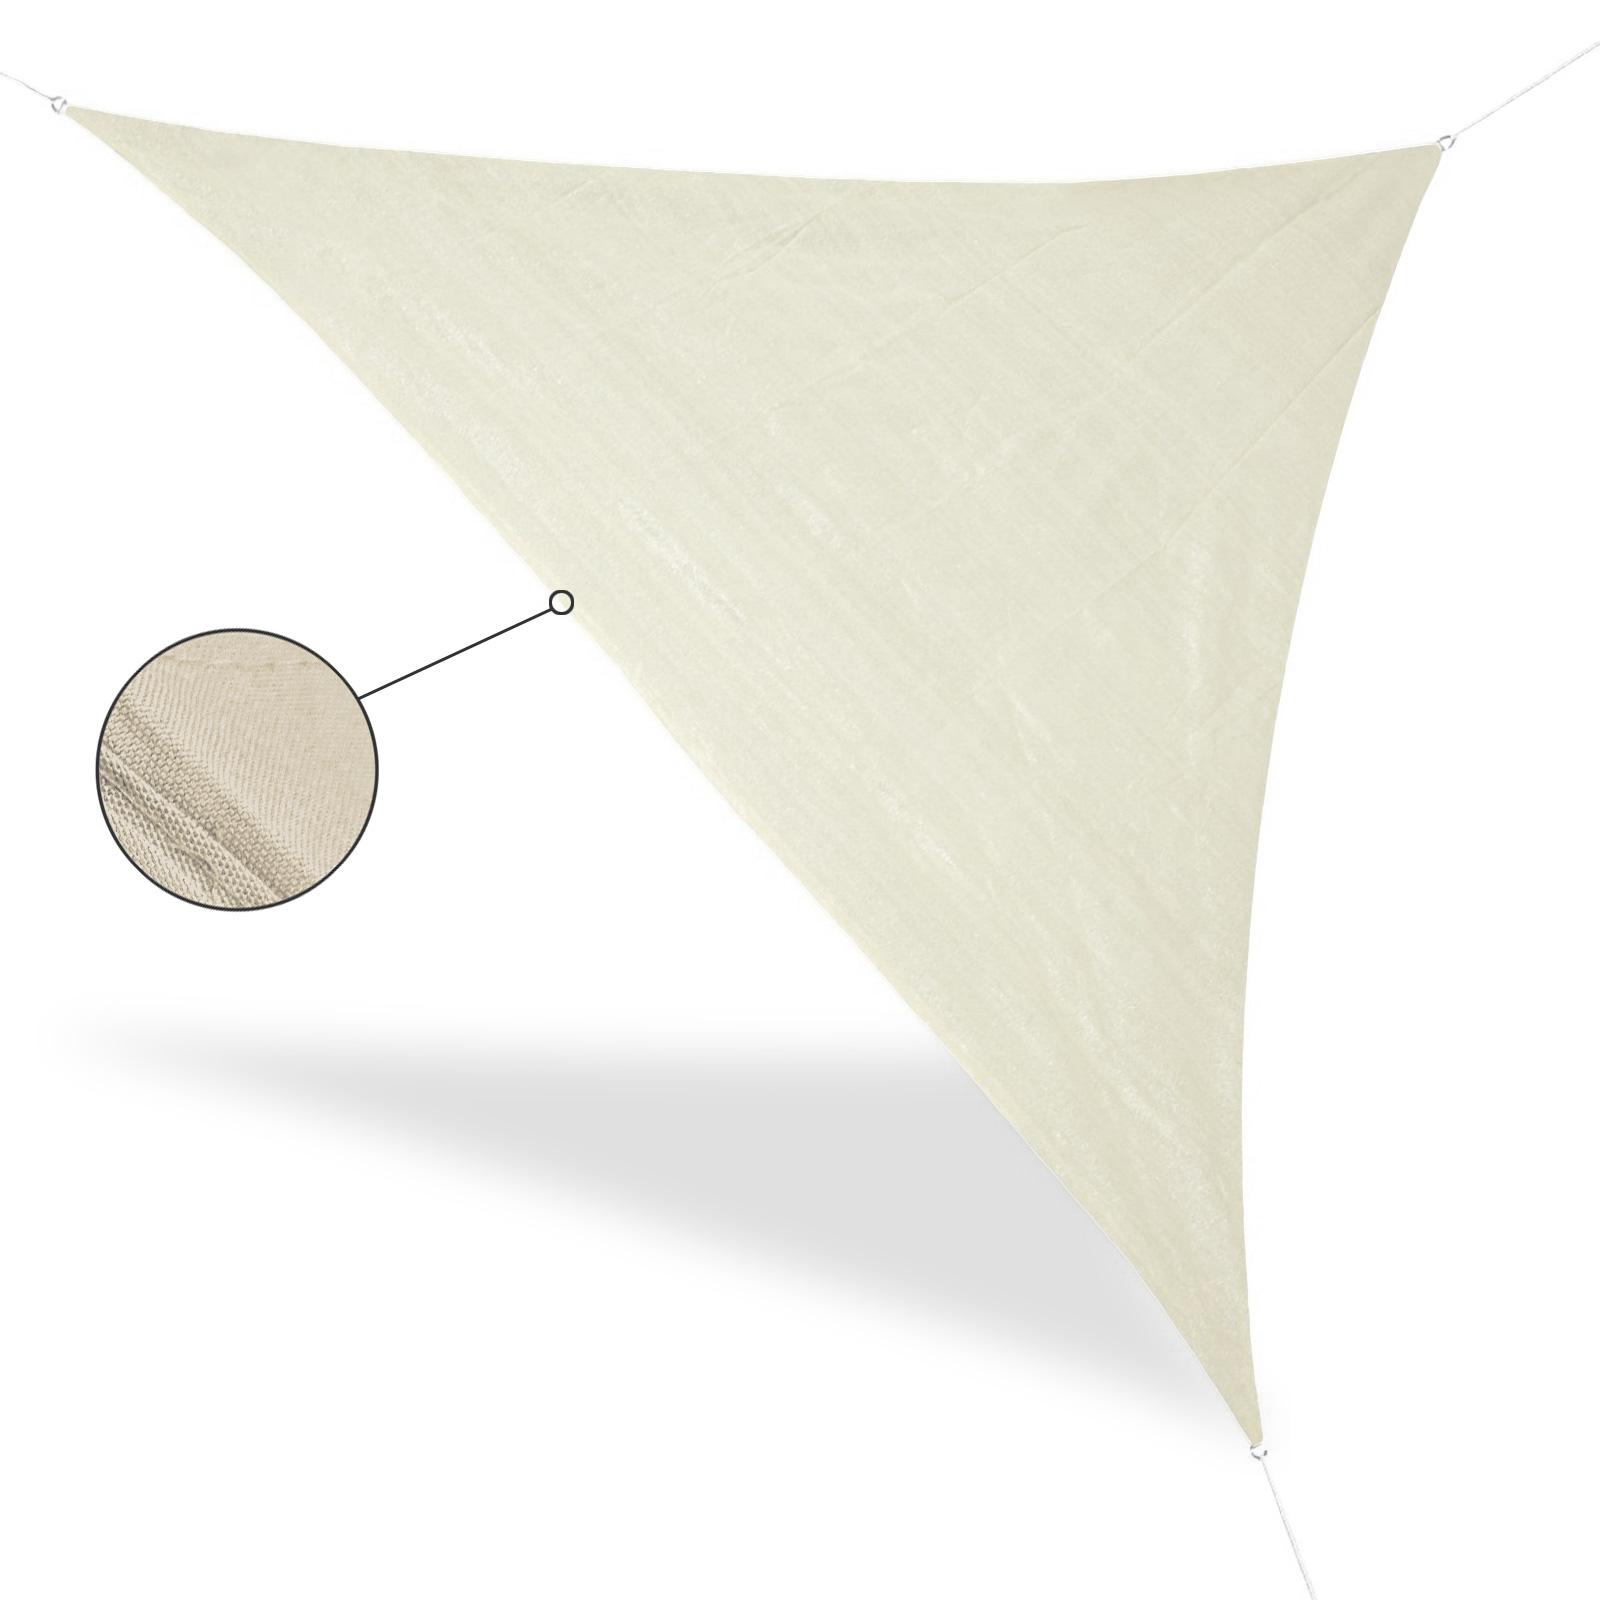 Sonnensegel Dreieck Beige 5 x 5 x 5 m, Metallringe, Abspannleinen